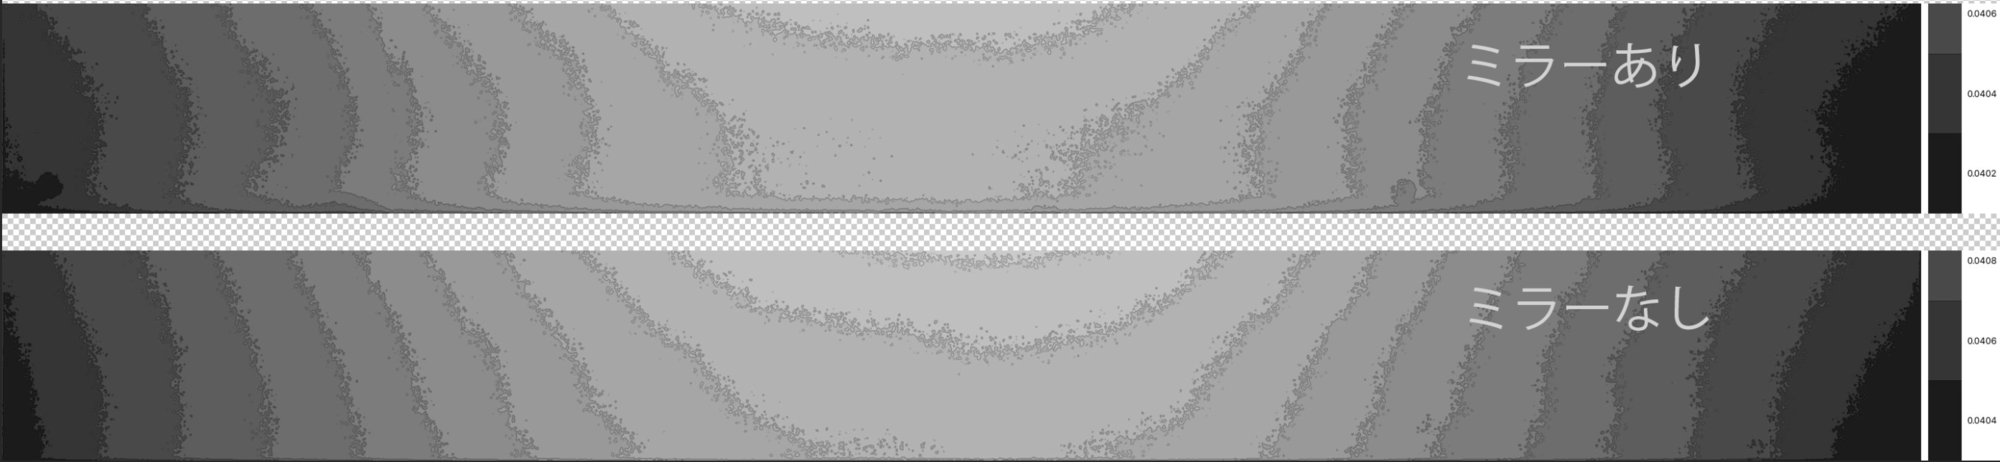 f:id:snct-astro:20210711213136p:plain